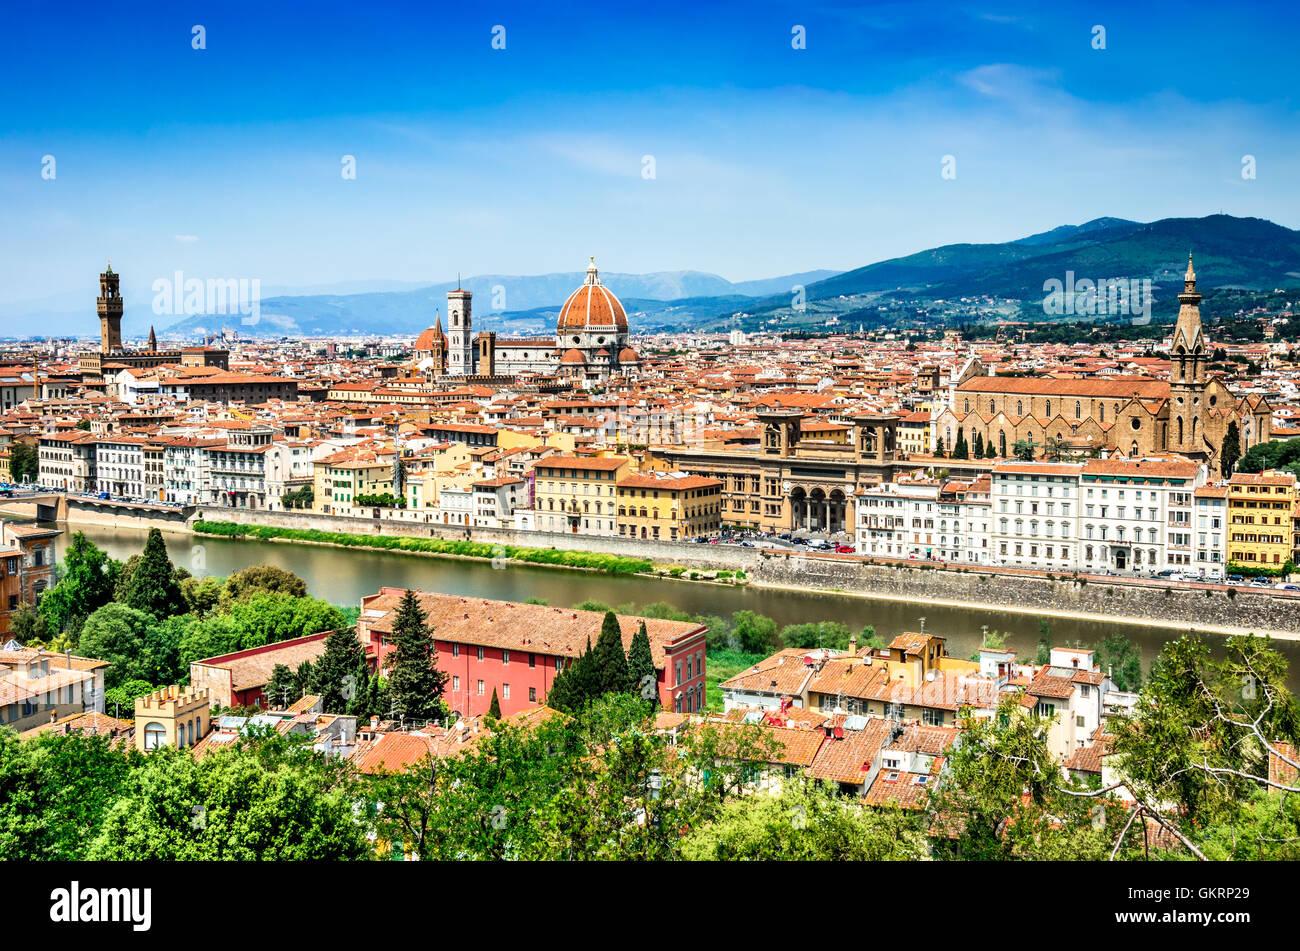 Florencia, Italia. Paisaje de verano de la ciudad italiana de Florencia, principal centro cultural de la Toscana. Imagen De Stock